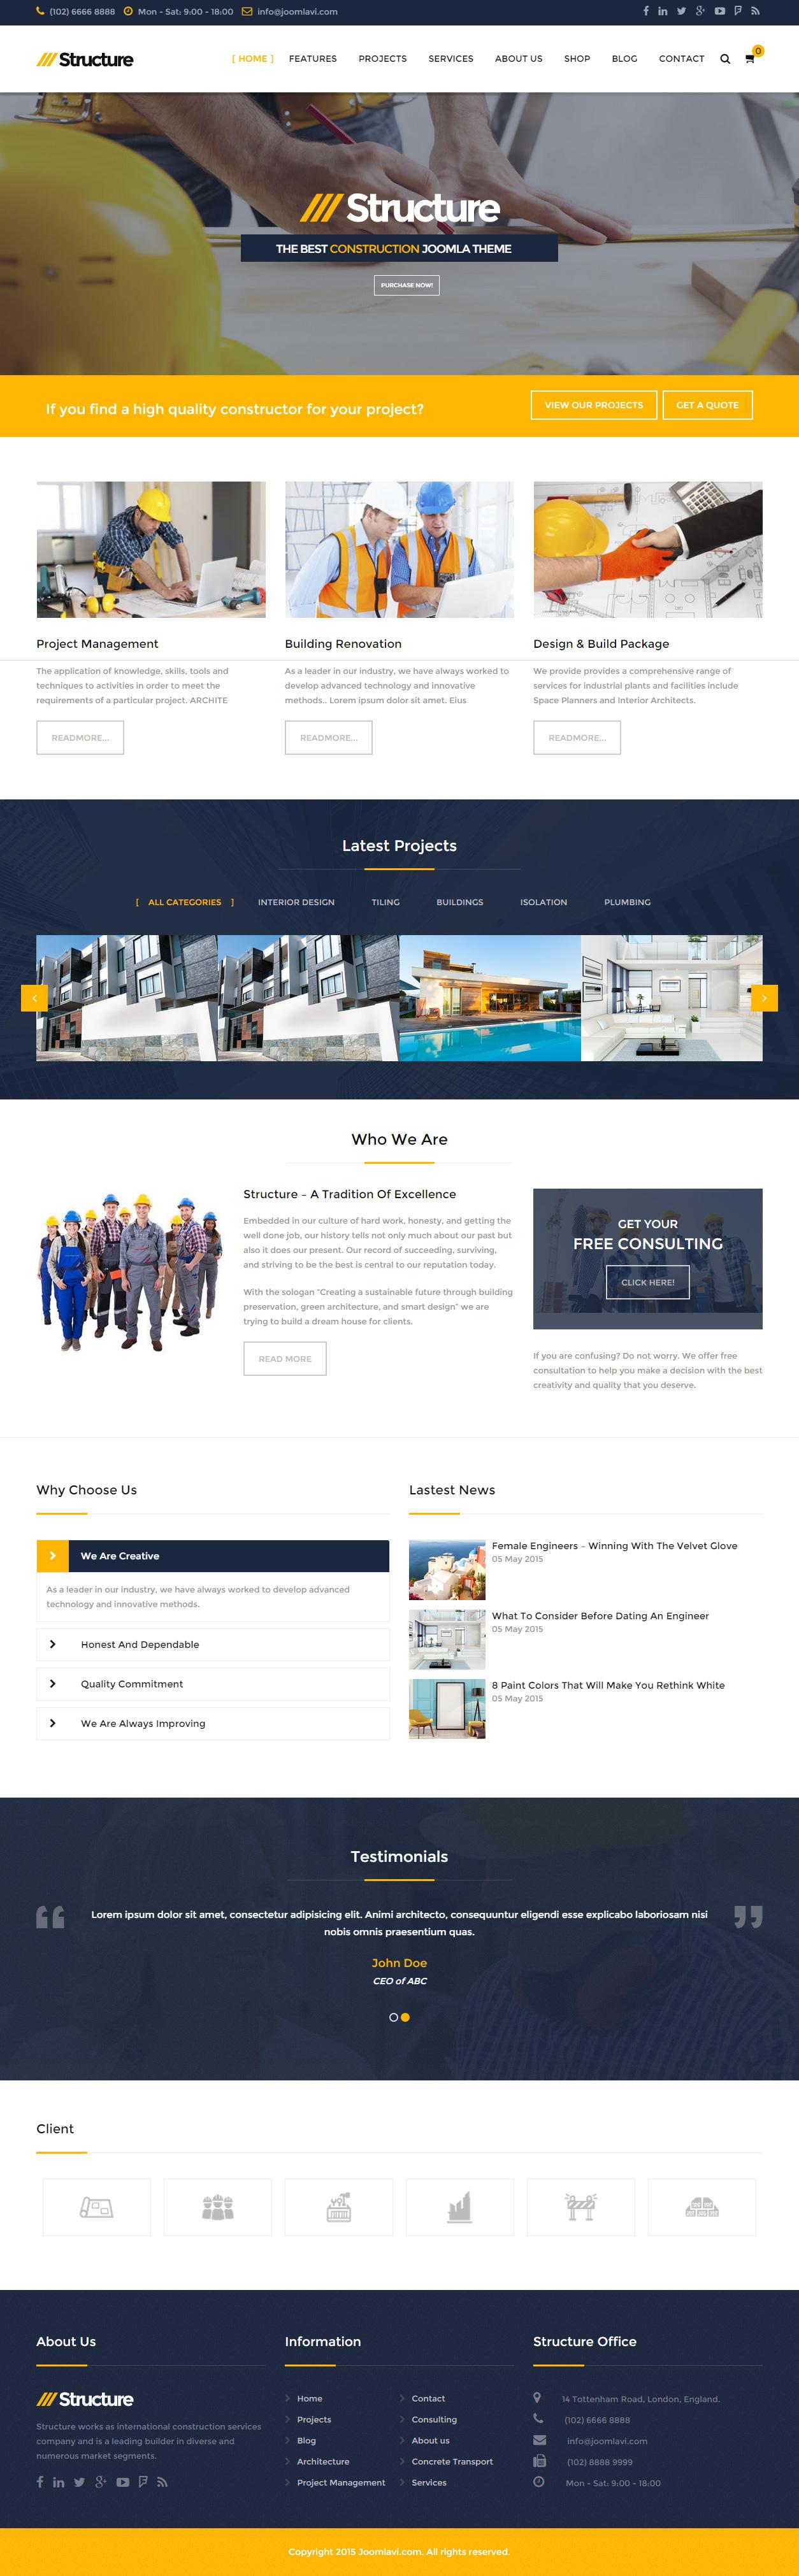 30 best joomla business templates 2017 responsive miracle structure joomla business templates friedricerecipe Gallery